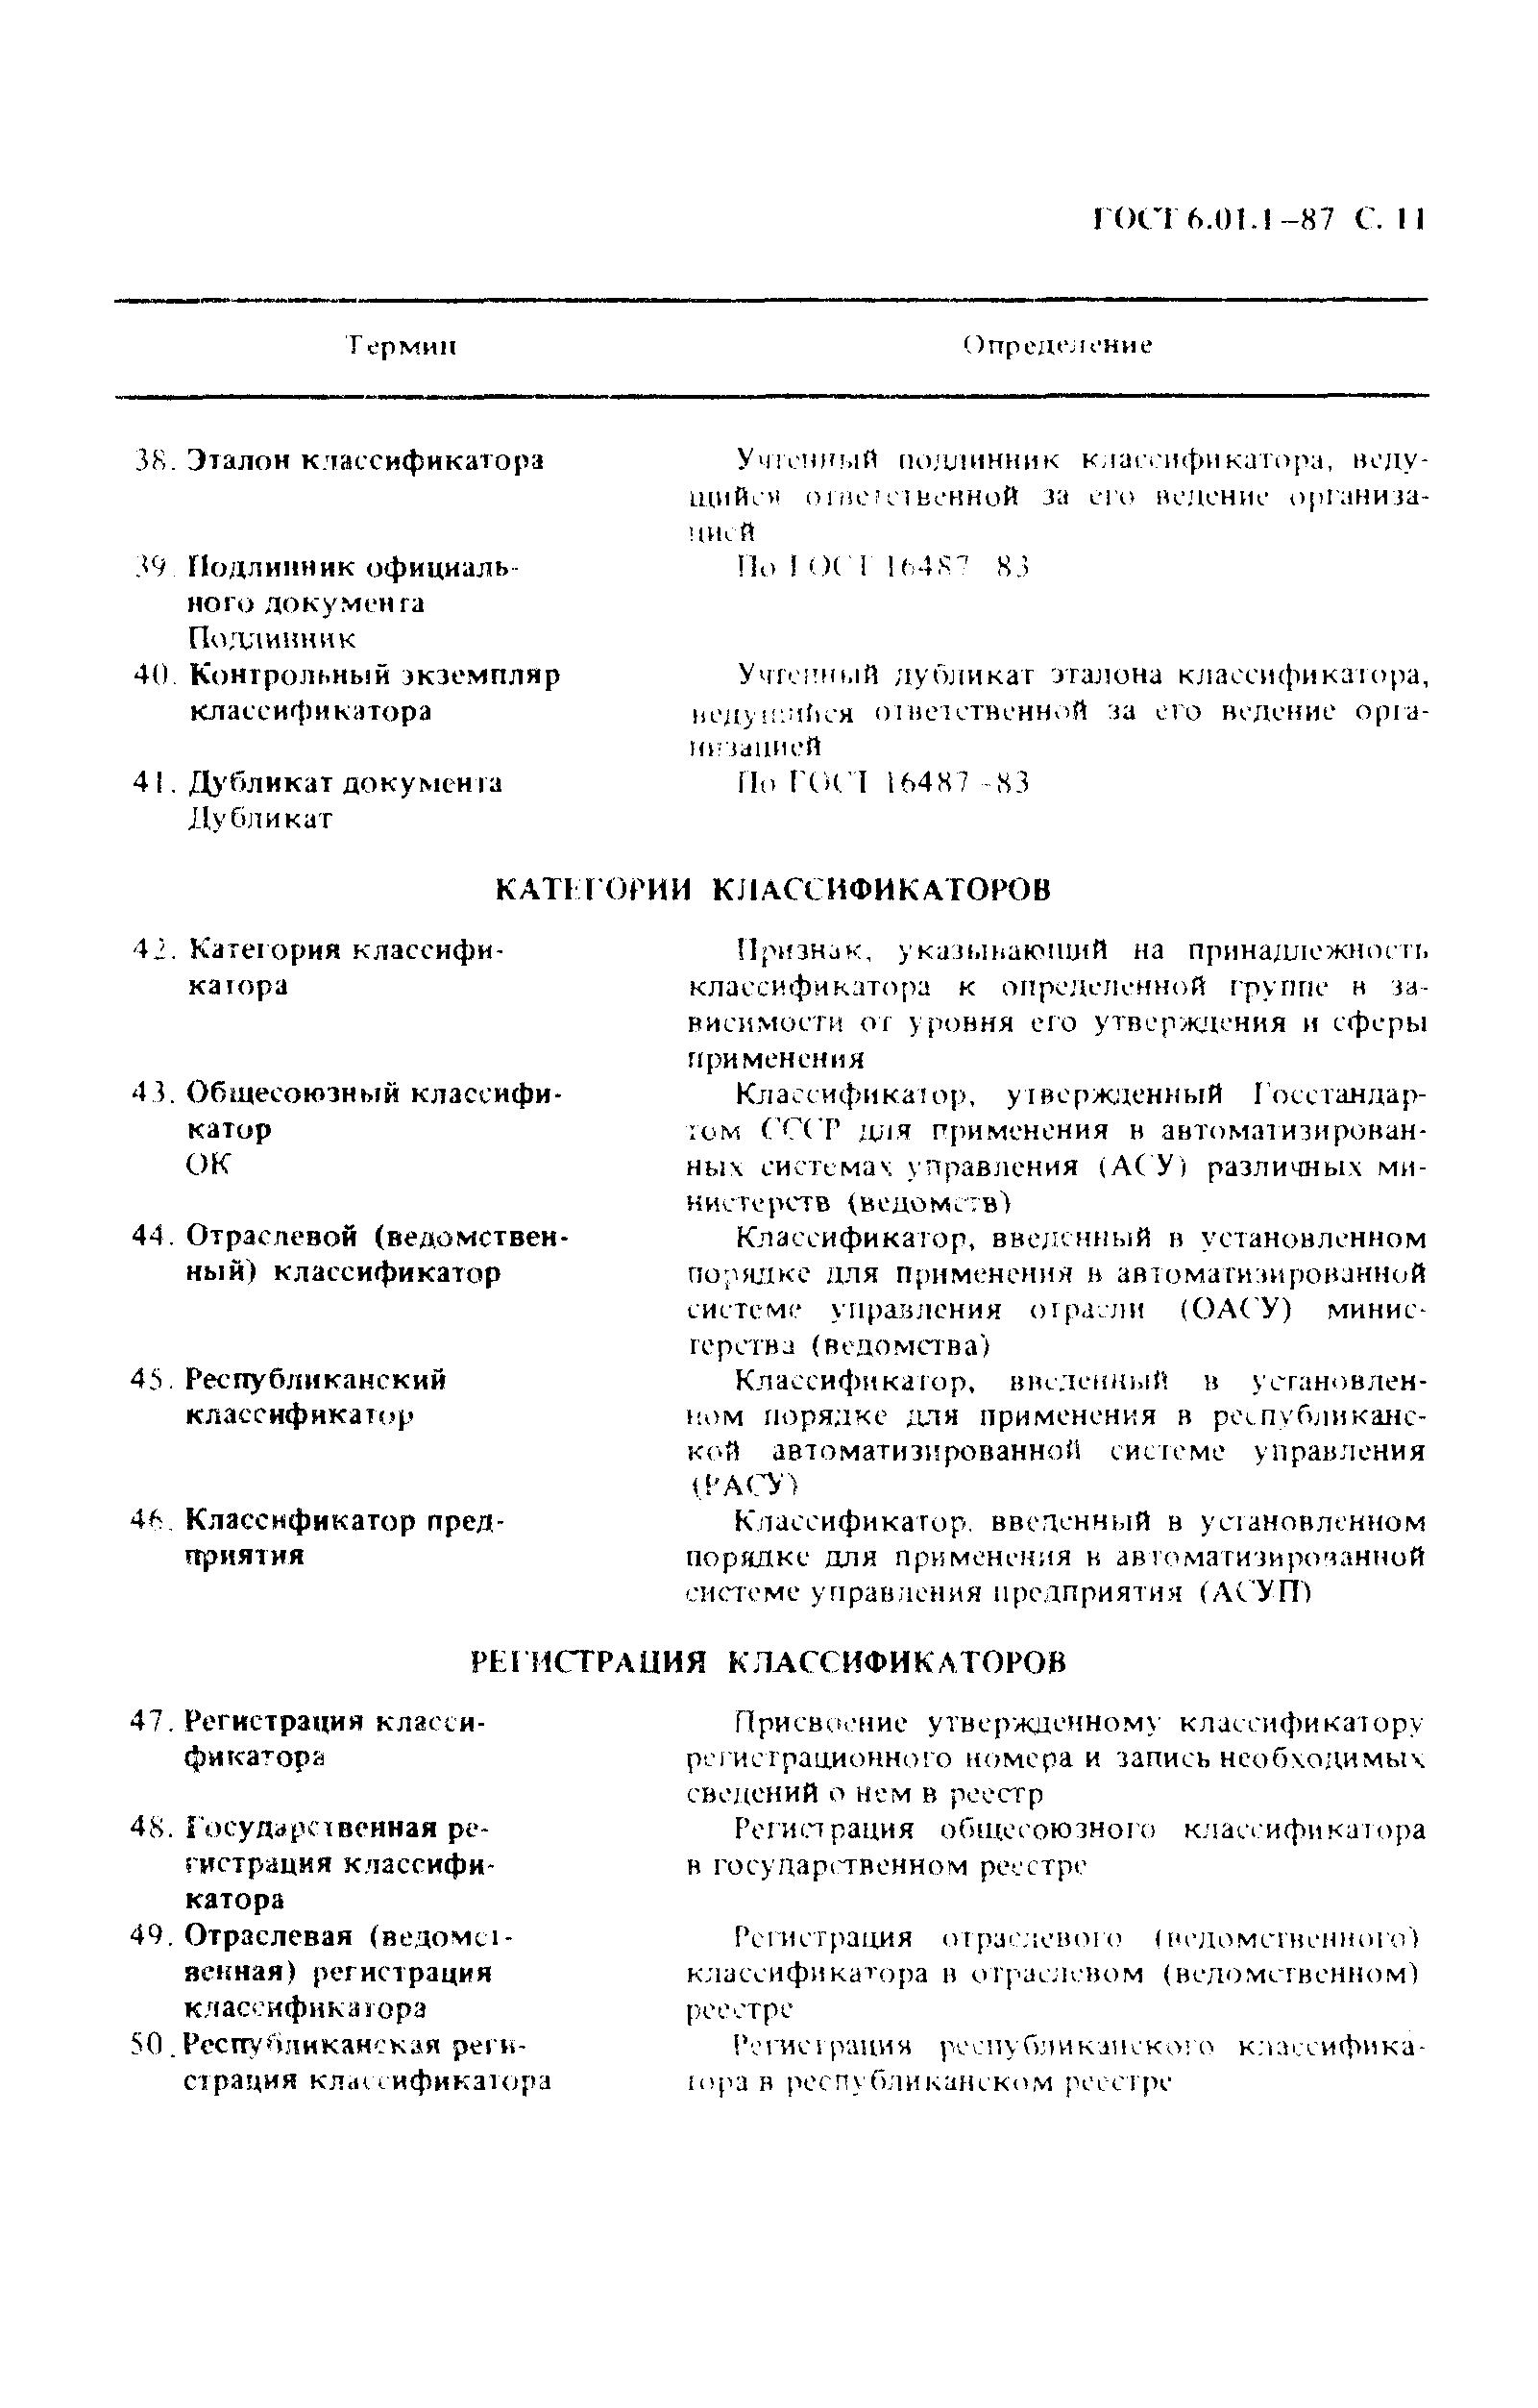 ГОСТ 6.01.1-87. Страница 12